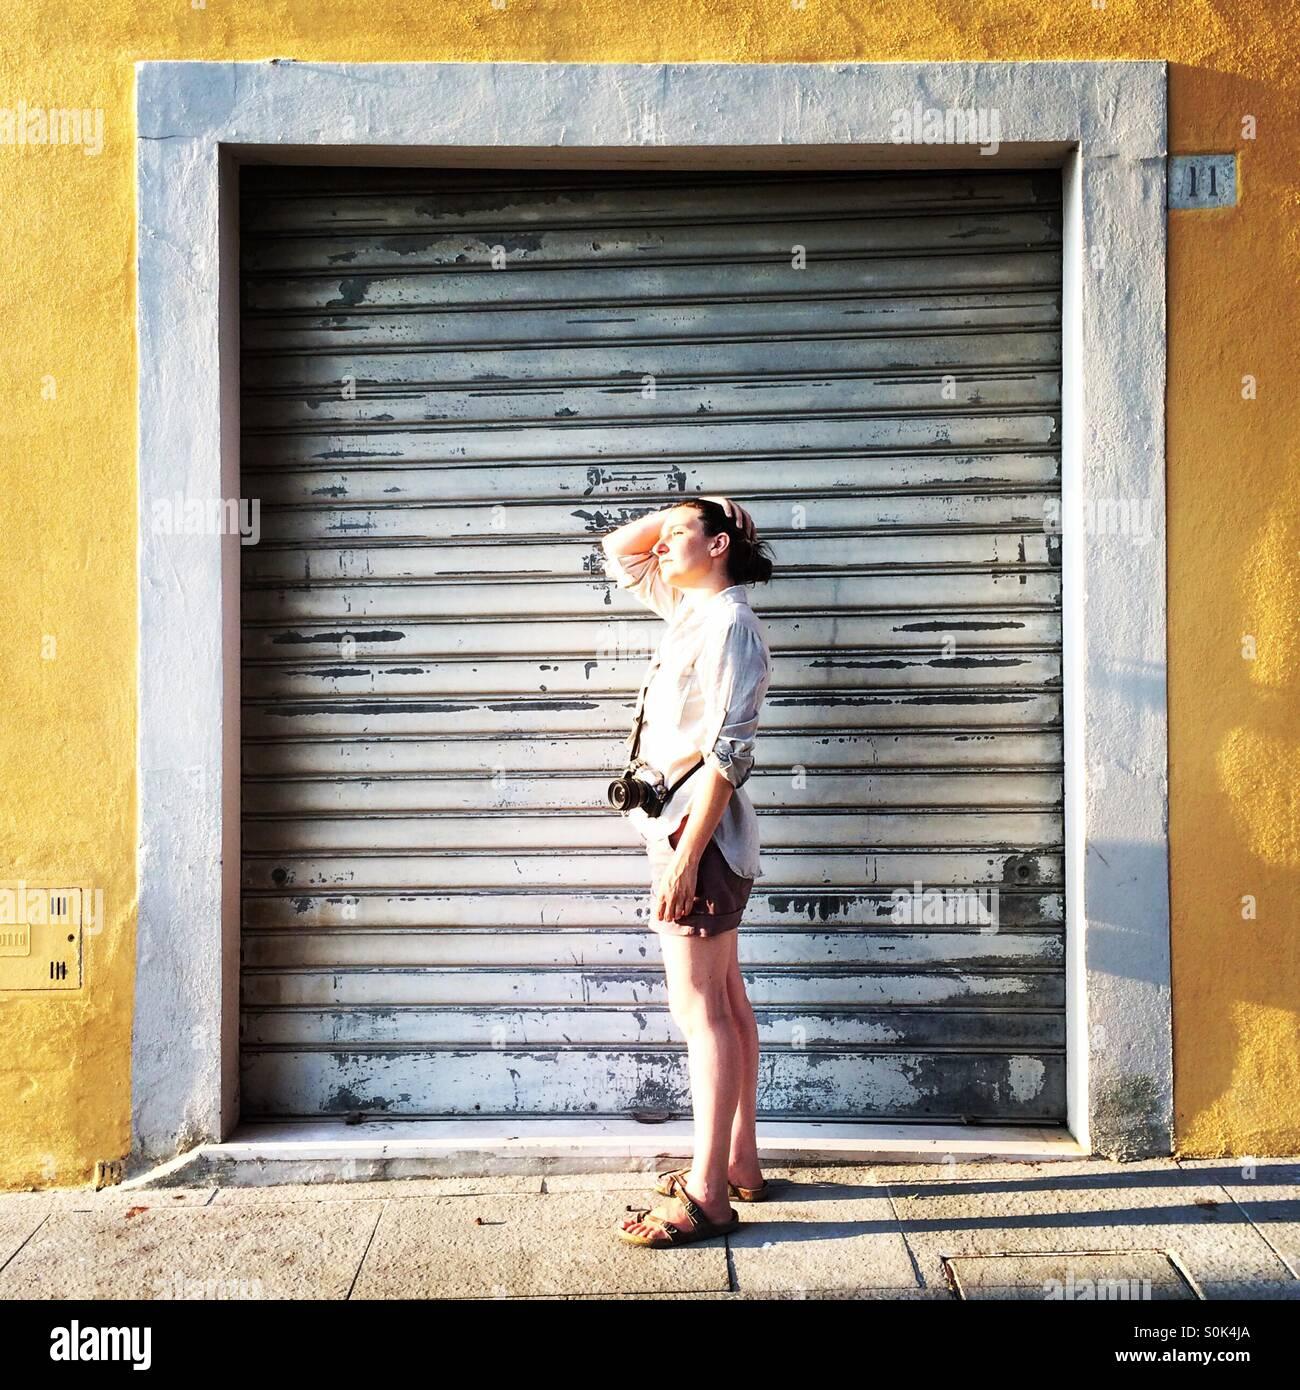 Une femme photographe avec son appareil photo à Arezzo, Toscane, encadré par une porte fermée. Photo Stock